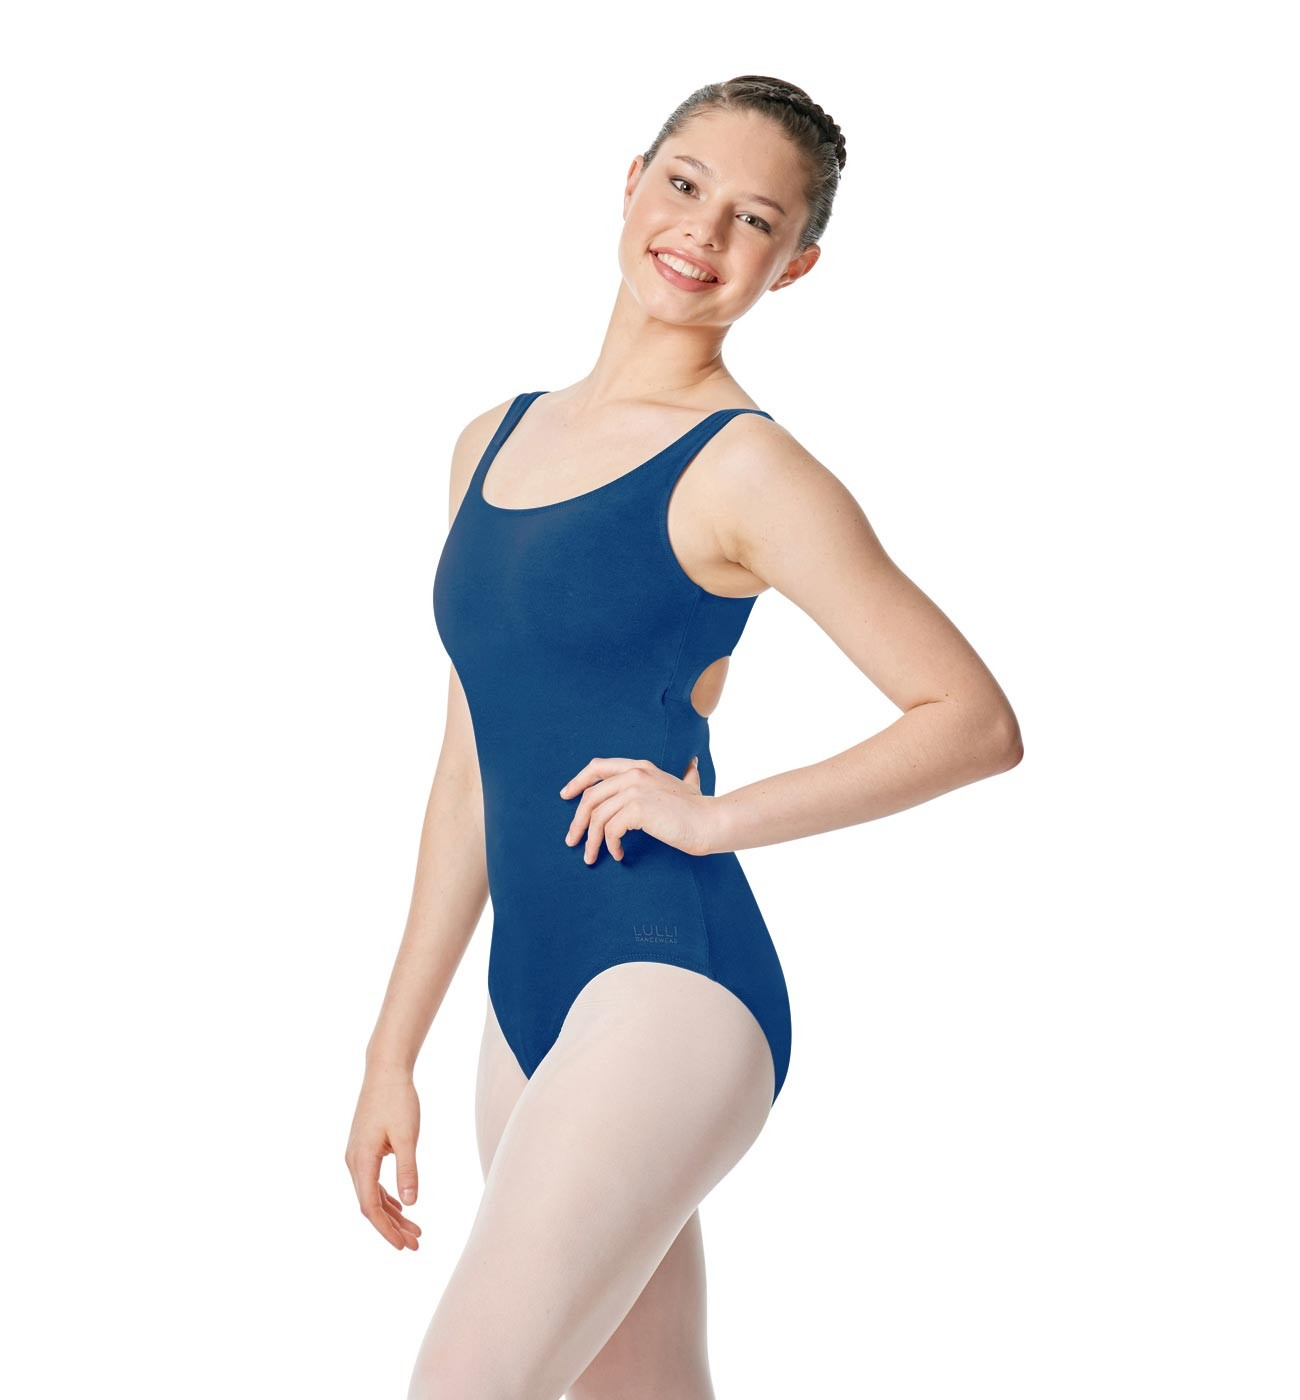 כחול בגד גוף Charlie של Lulli עם כתפיות רחבות LUB258